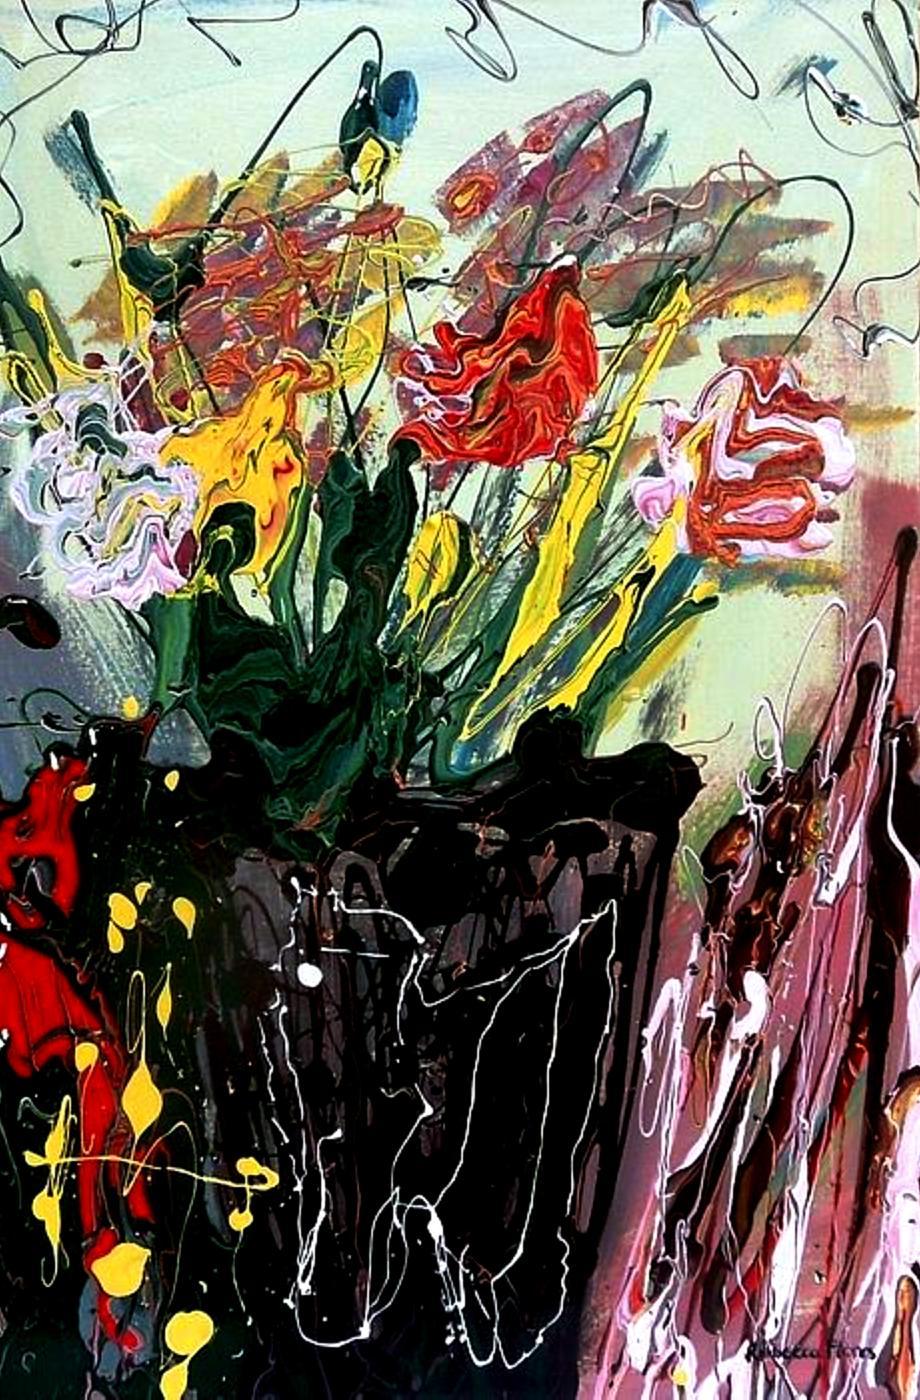 Flowers Blossom 36 x 24